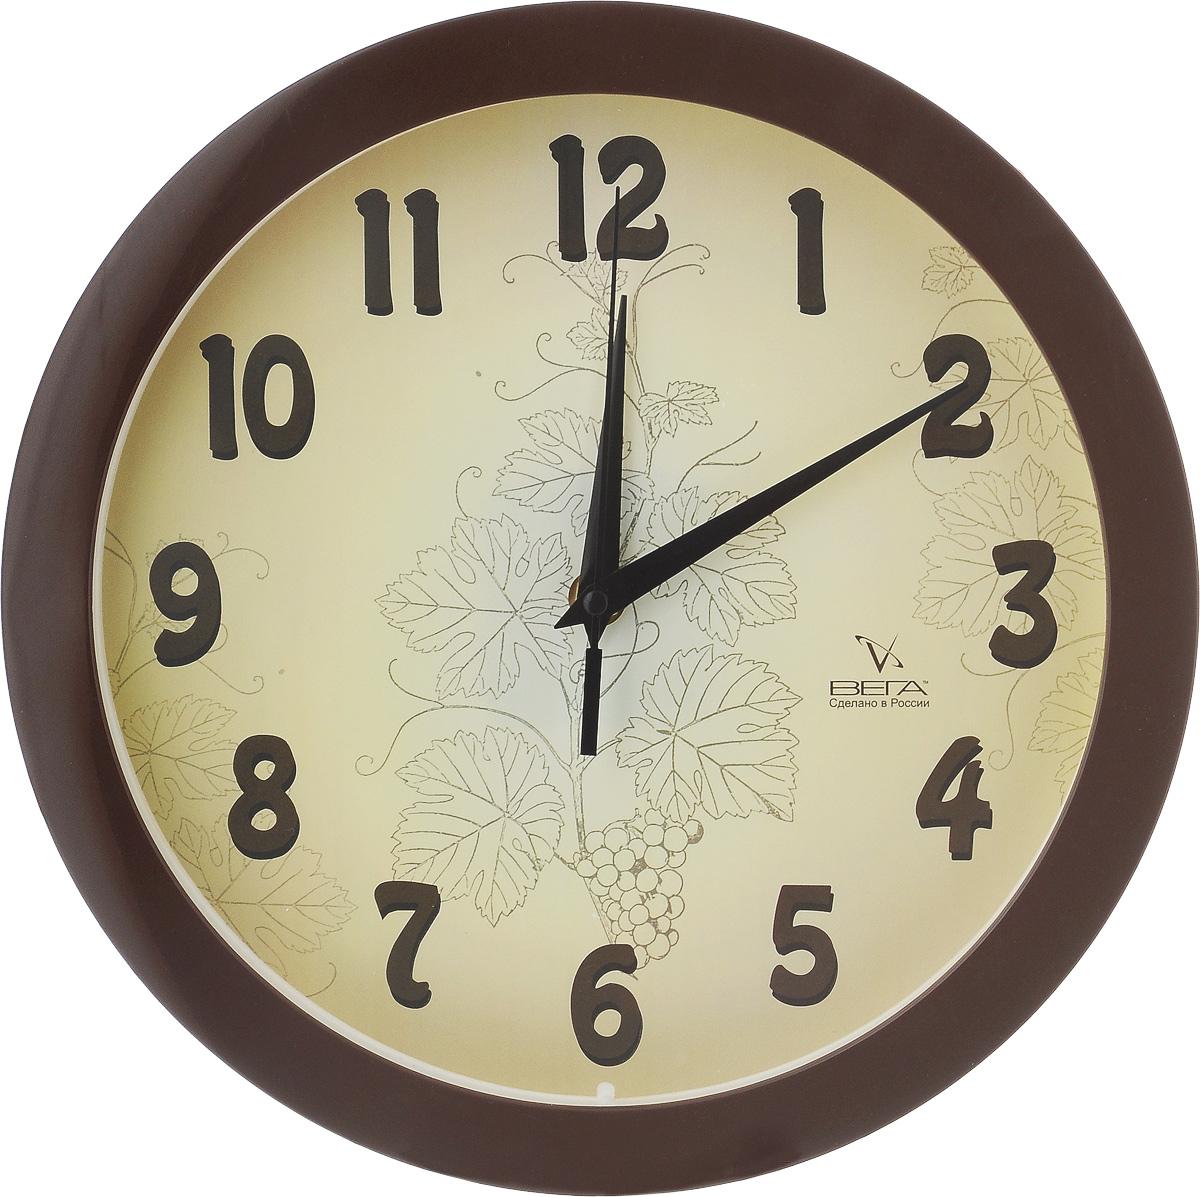 Часы настенные Вега Классика бежевая, диаметр 28,5 смП1-9/7-50Настенные кварцевые часы Вега Классика бежевая, изготовленные из пластика, прекрасно впишутся в интерьер вашего дома. Часы имеют три стрелки: часовую, минутную и секундную, циферблат защищен прозрачным стеклом. Часы работают от 1 батарейки типа АА напряжением 1,5 В (не входит в комплект). Диаметр часов: 28,5 см.